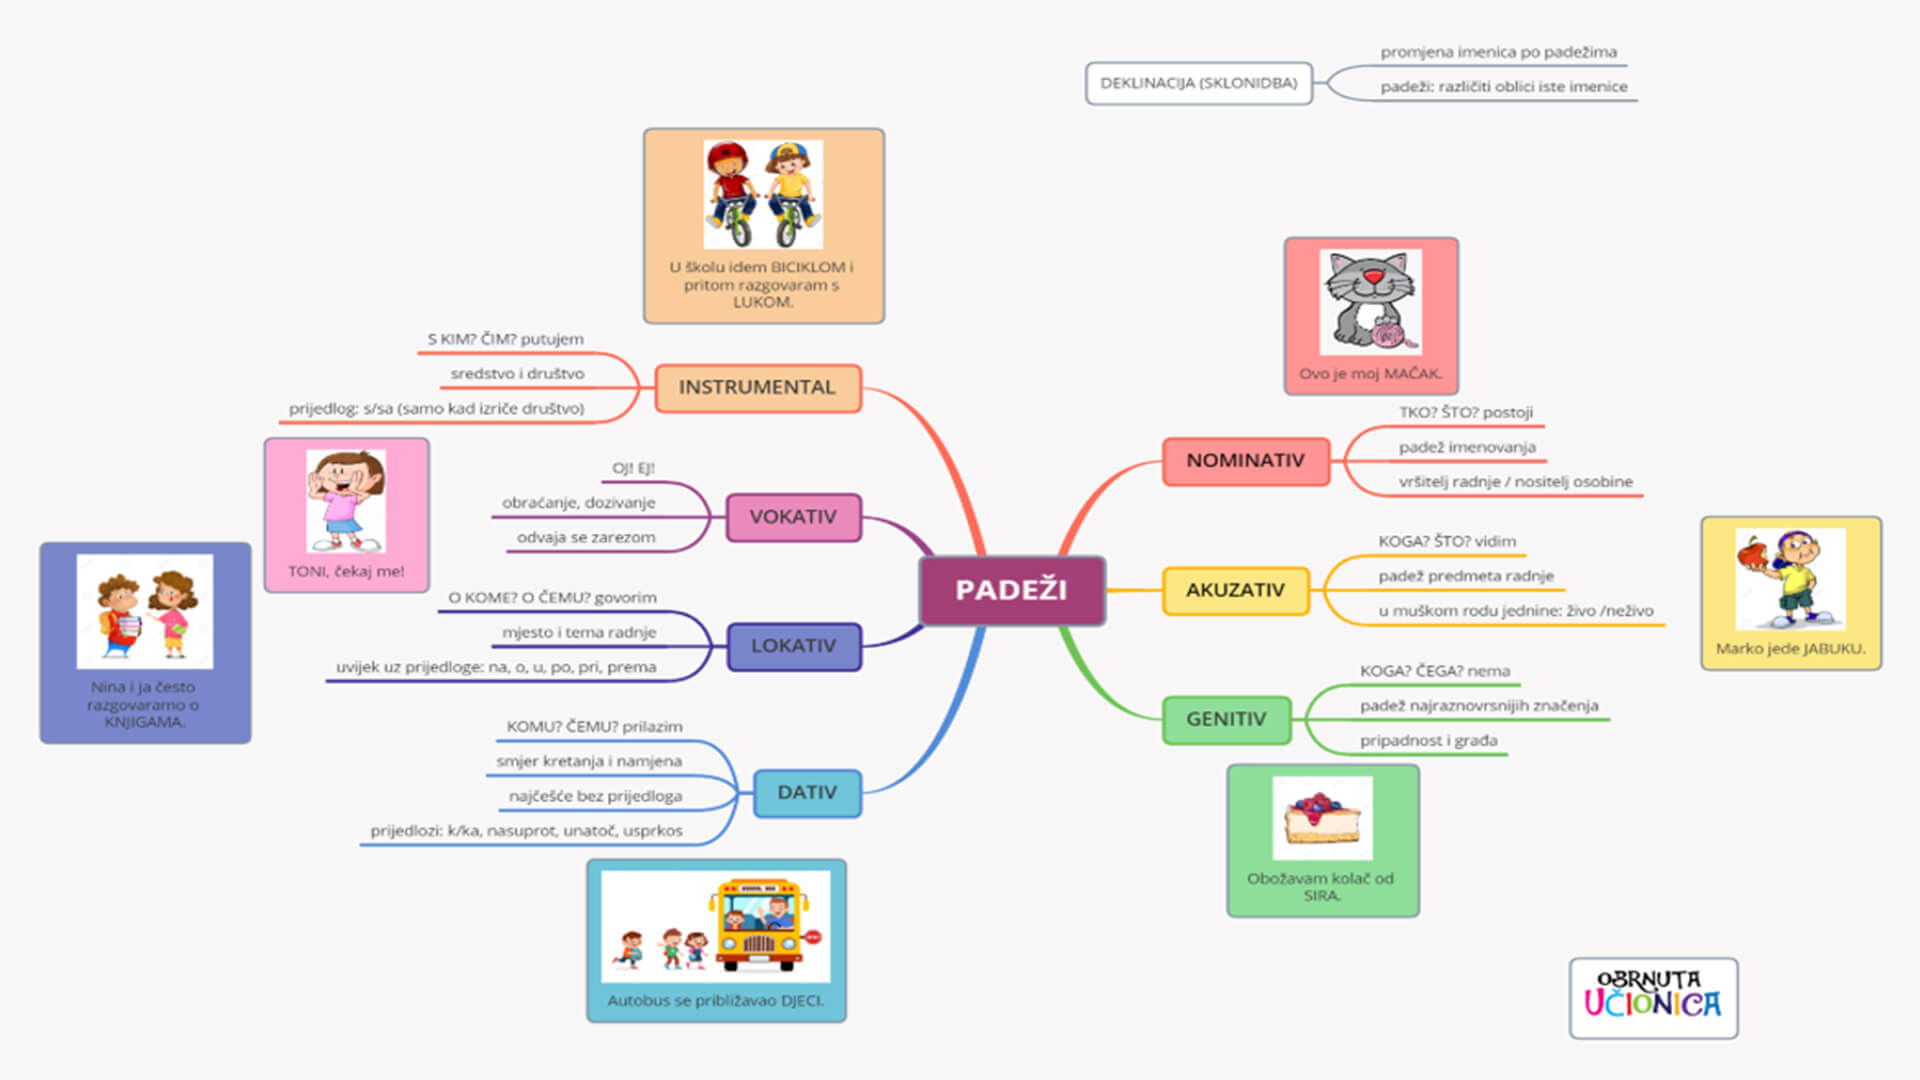 Obrnuta učionica - Poduke - Tehnike učenja